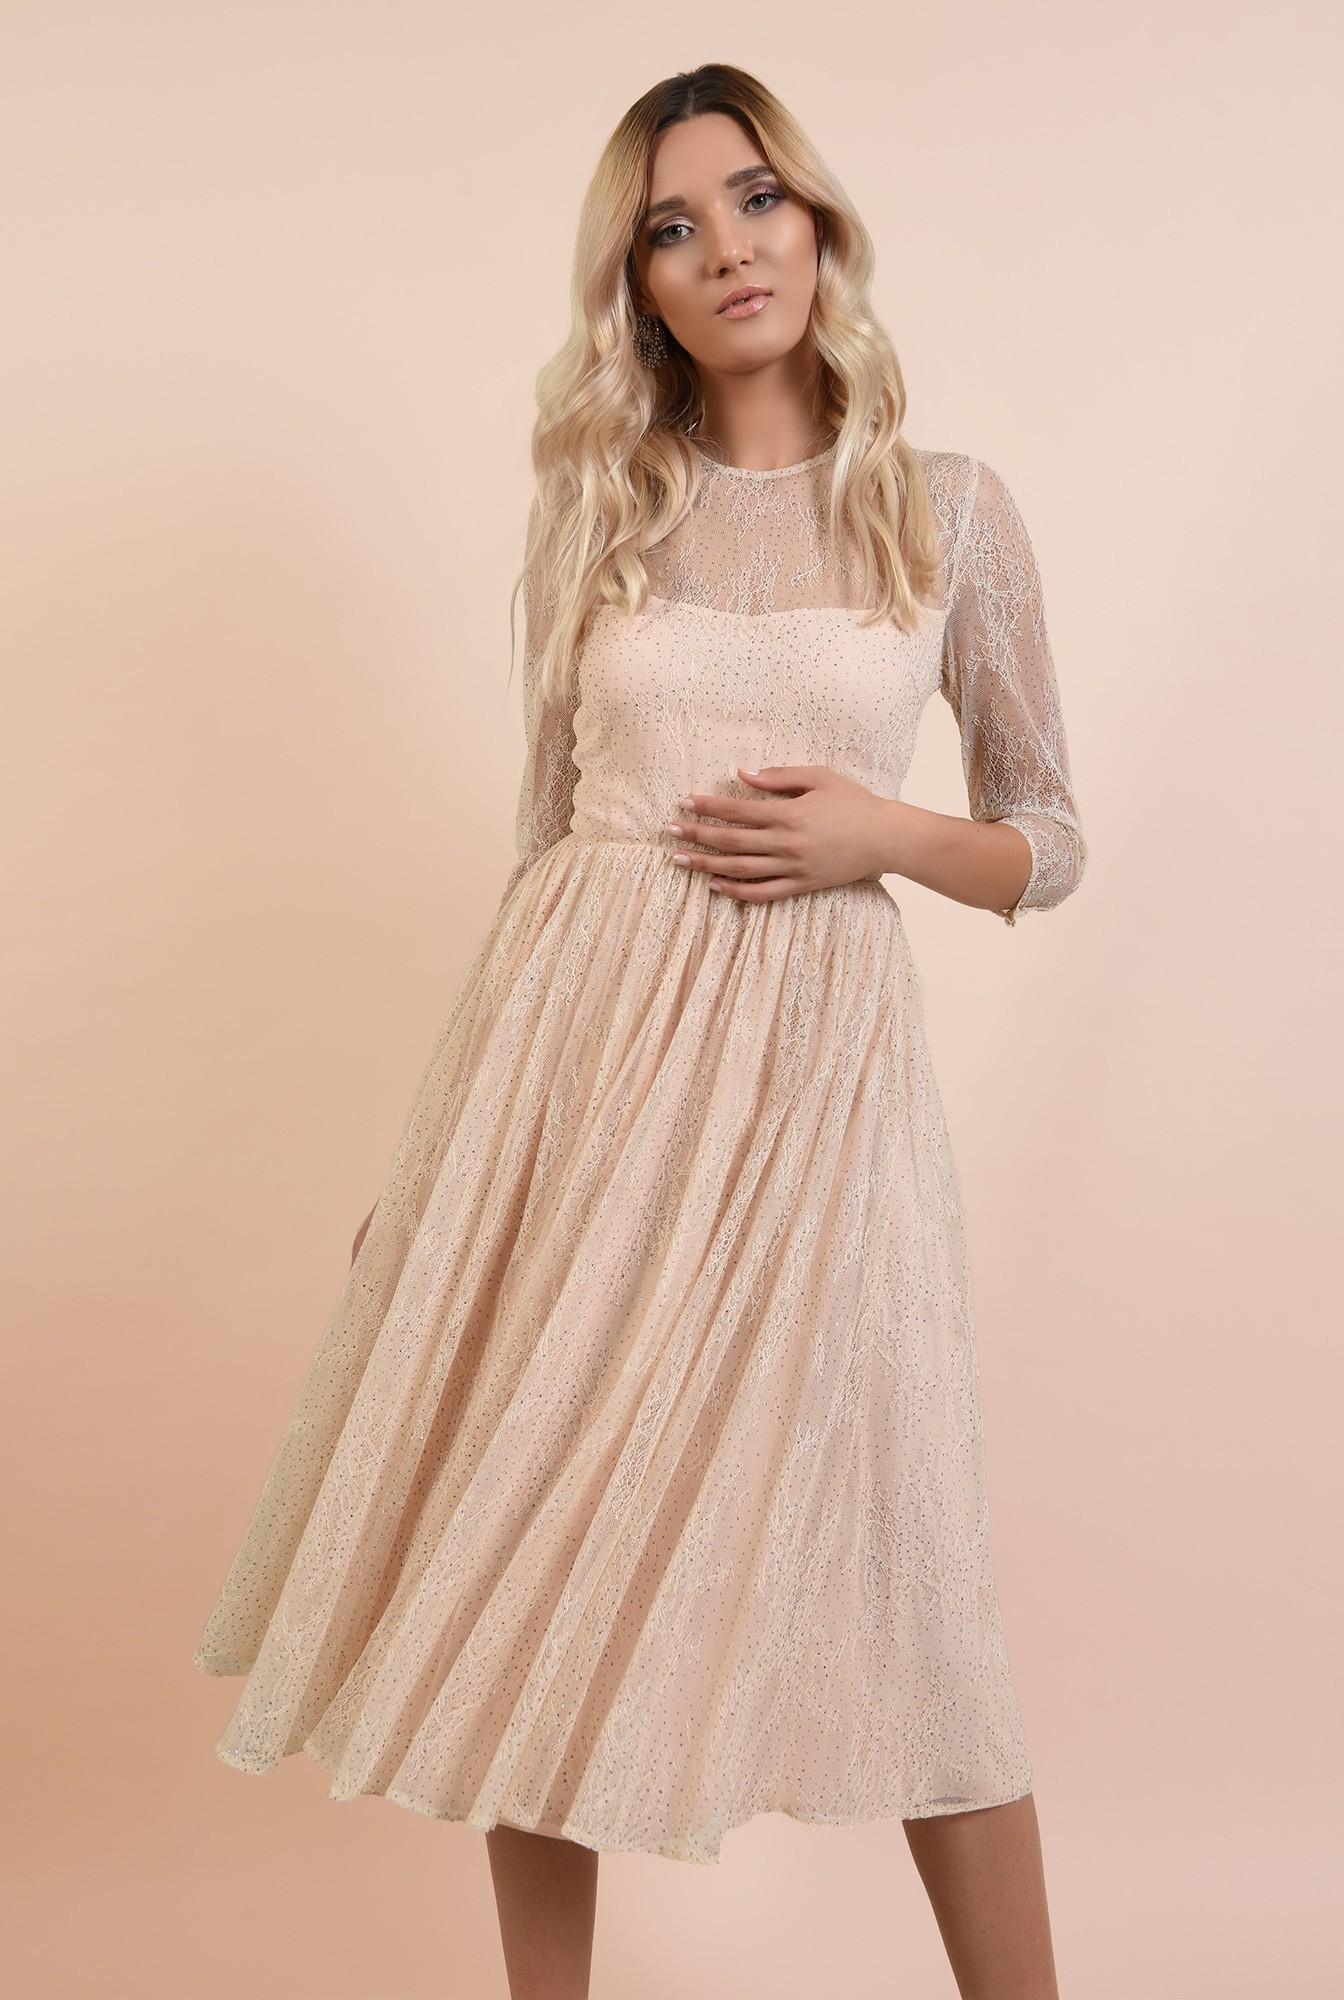 2 - rochie eleganta, crem, din tulle, cu top din dantela, nude, broderie florala fina, Poema